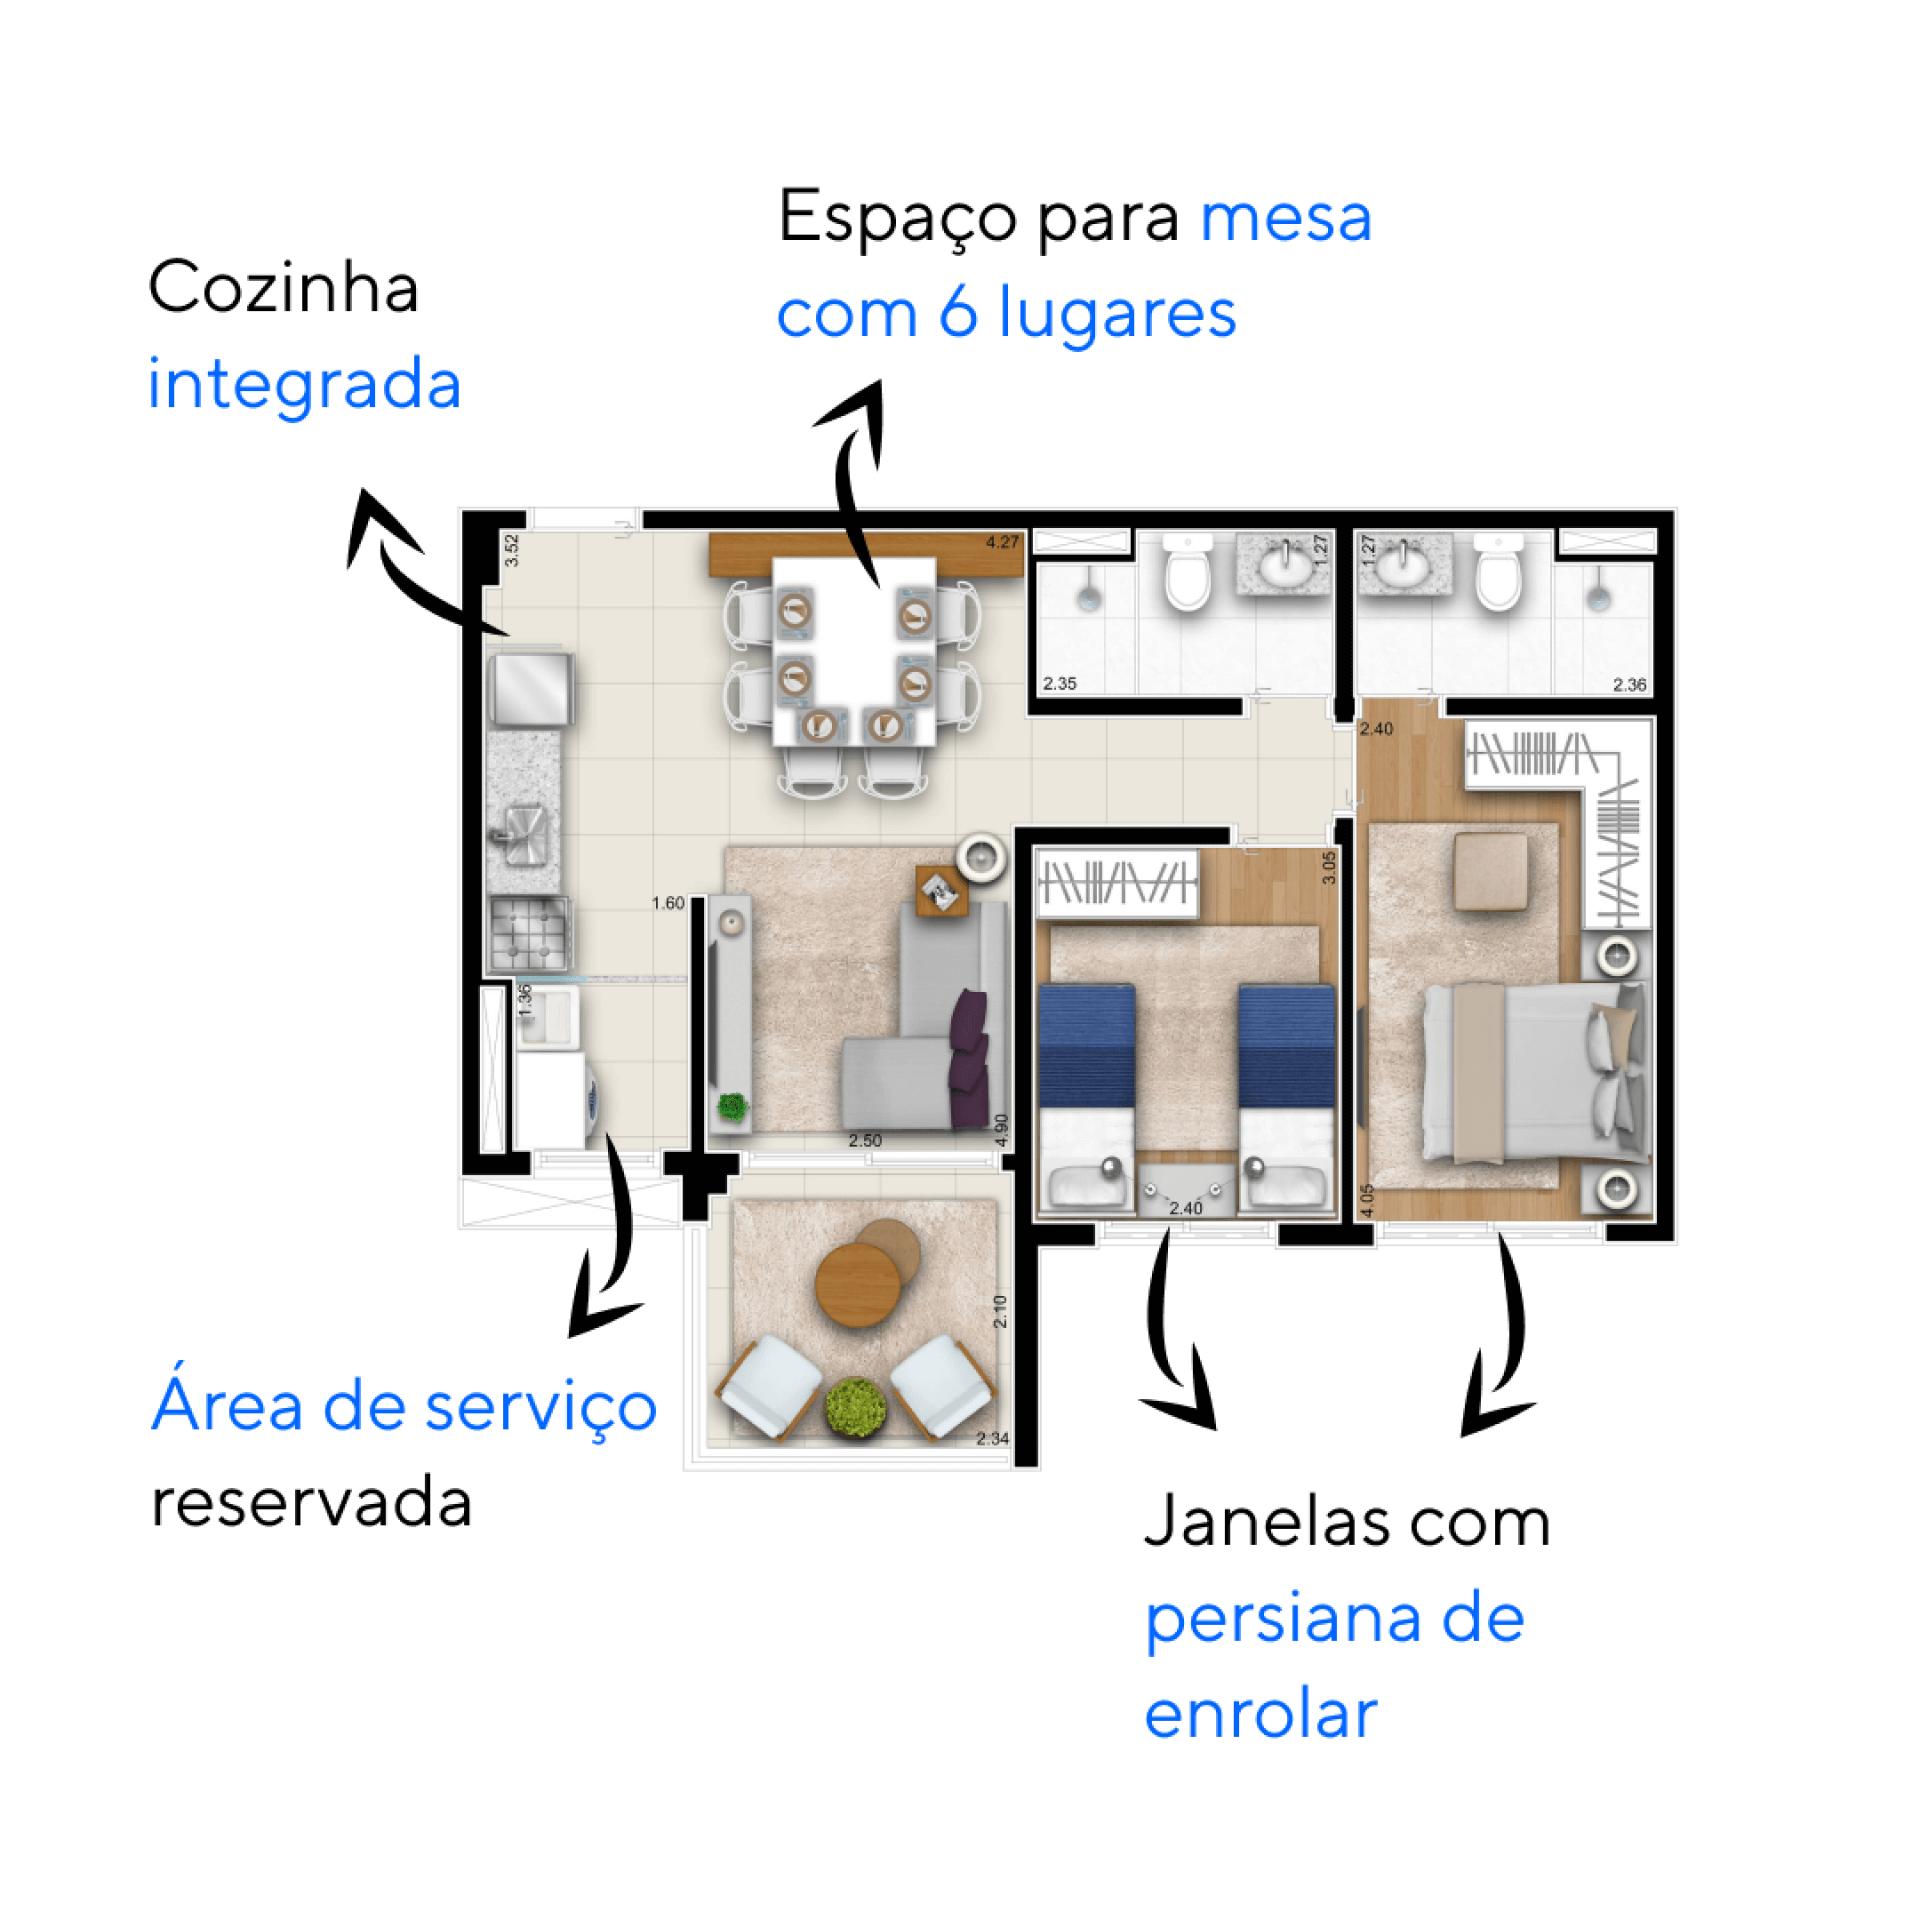 59 M² - 2 DORMITÓRIOS, SENDO 1 SUÍTE. Apartamentos do ON Vila Leopoldina com cozinha integrada a área social, favorecendo o convívio familiar. Destaque para a varanda com guarda-corpo em vidro, proporcionando vista livre para duas direções.